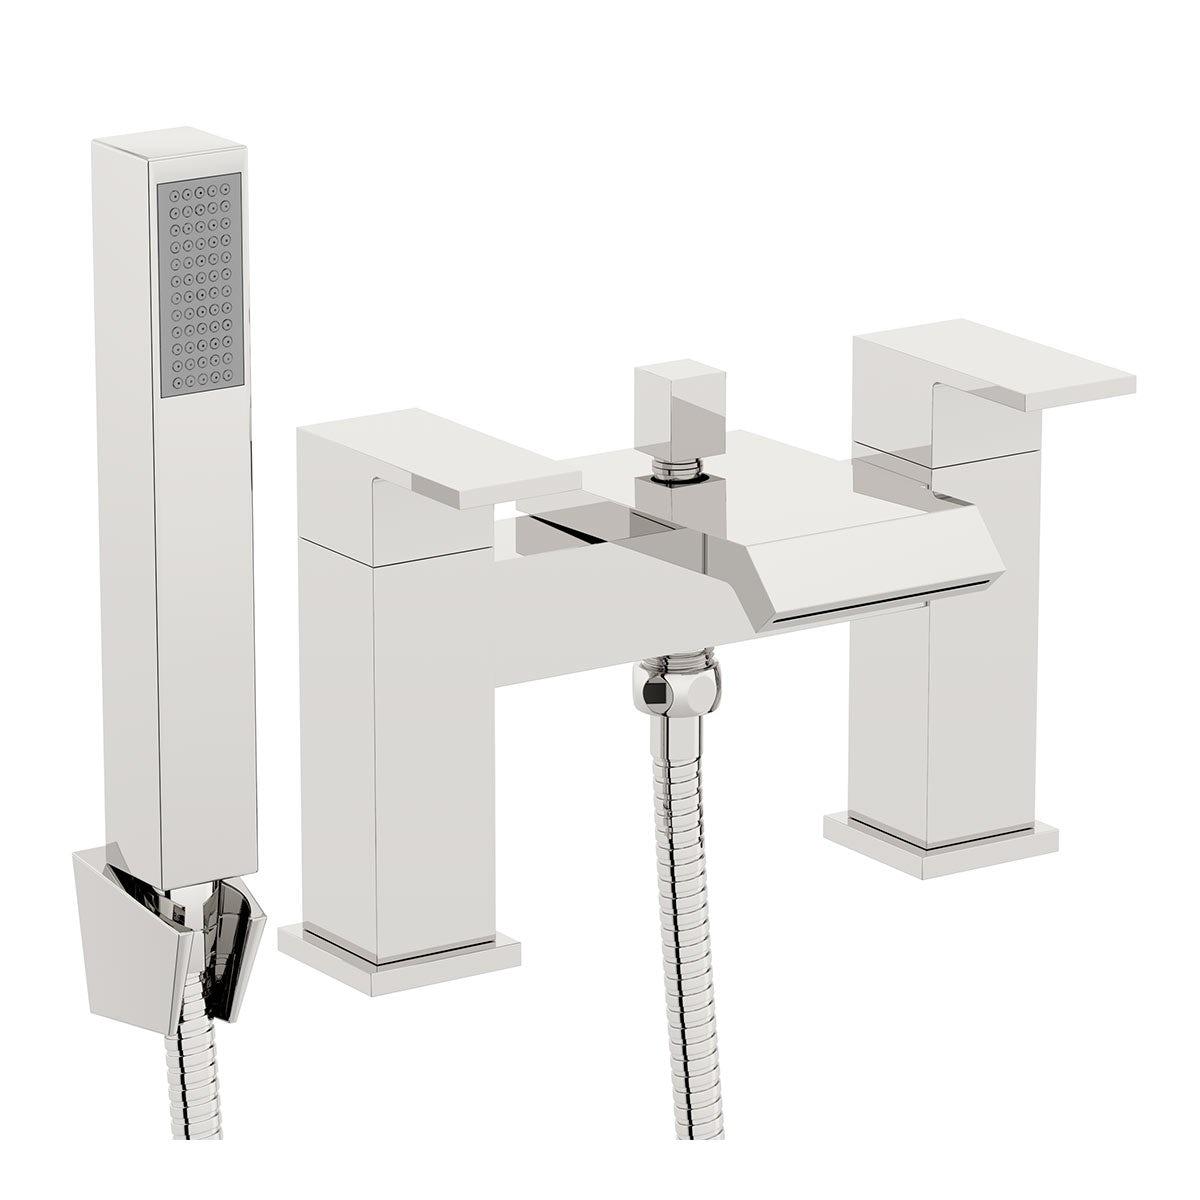 Mode Aurora bath shower mixer tap